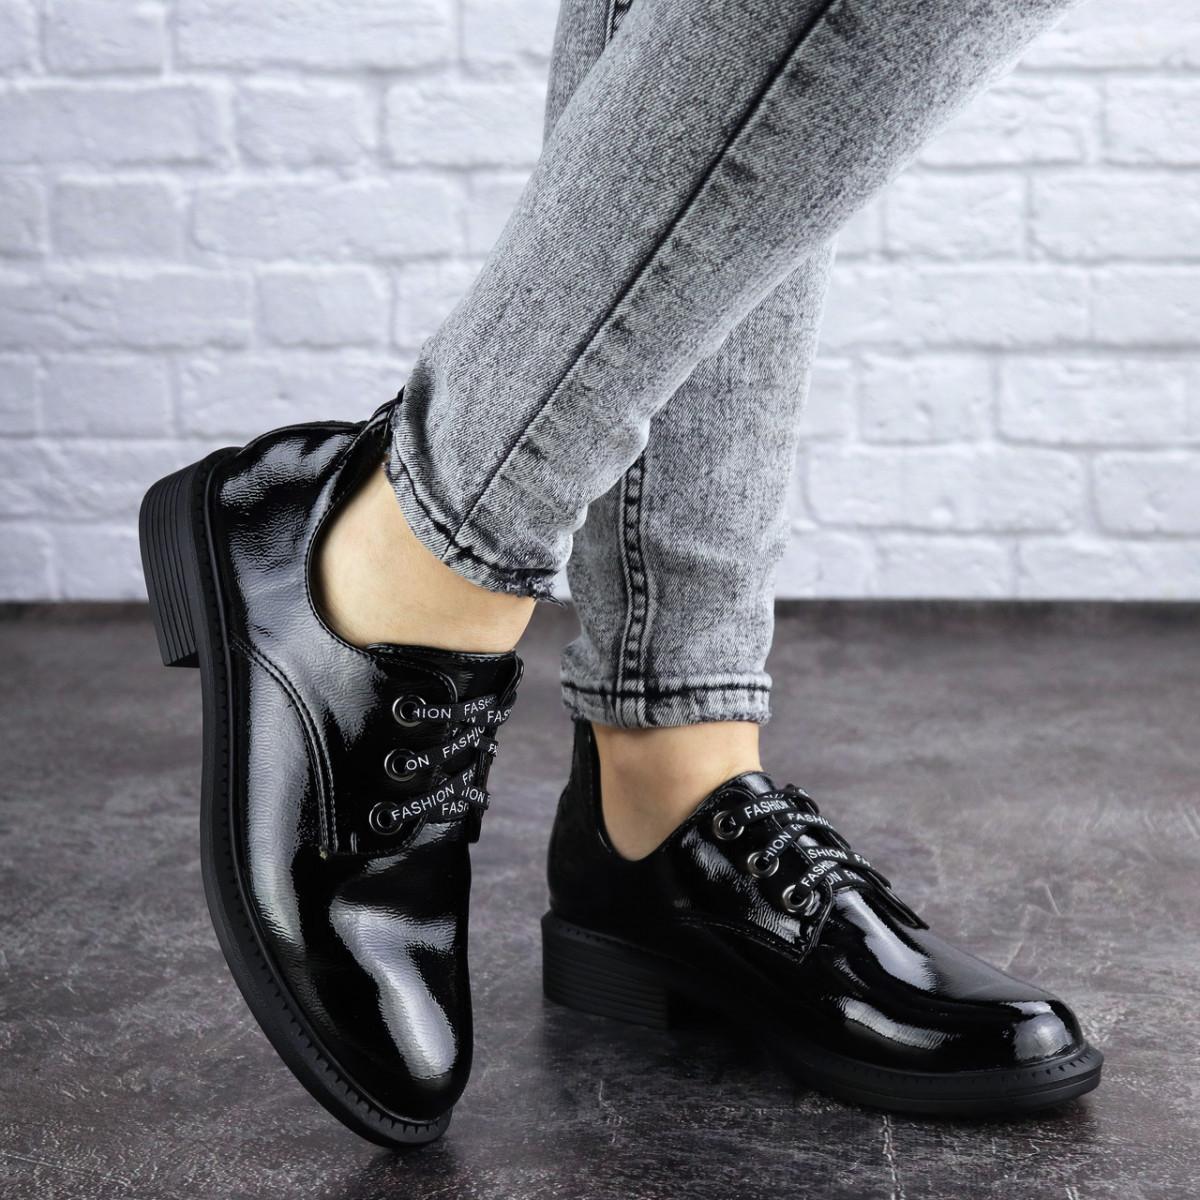 Женские туфли Fashion Prancer 2033 36 размер 23,5 см Черный